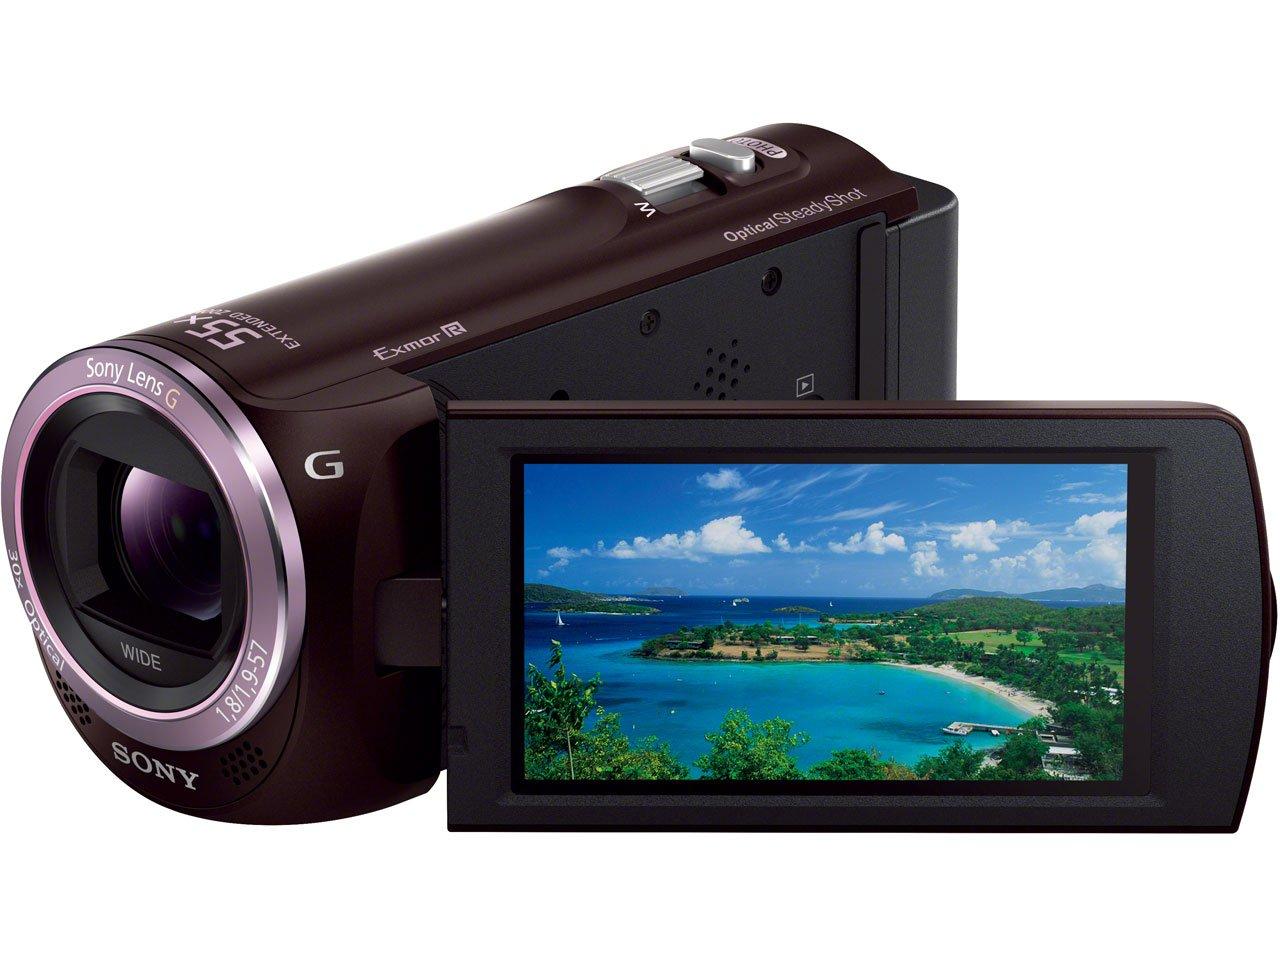 SONY デジタルHDビデオカメラレコーダー「HDR-CX390」(ボルドーブラウン) HDR-CX390-T   B00B06ESQA